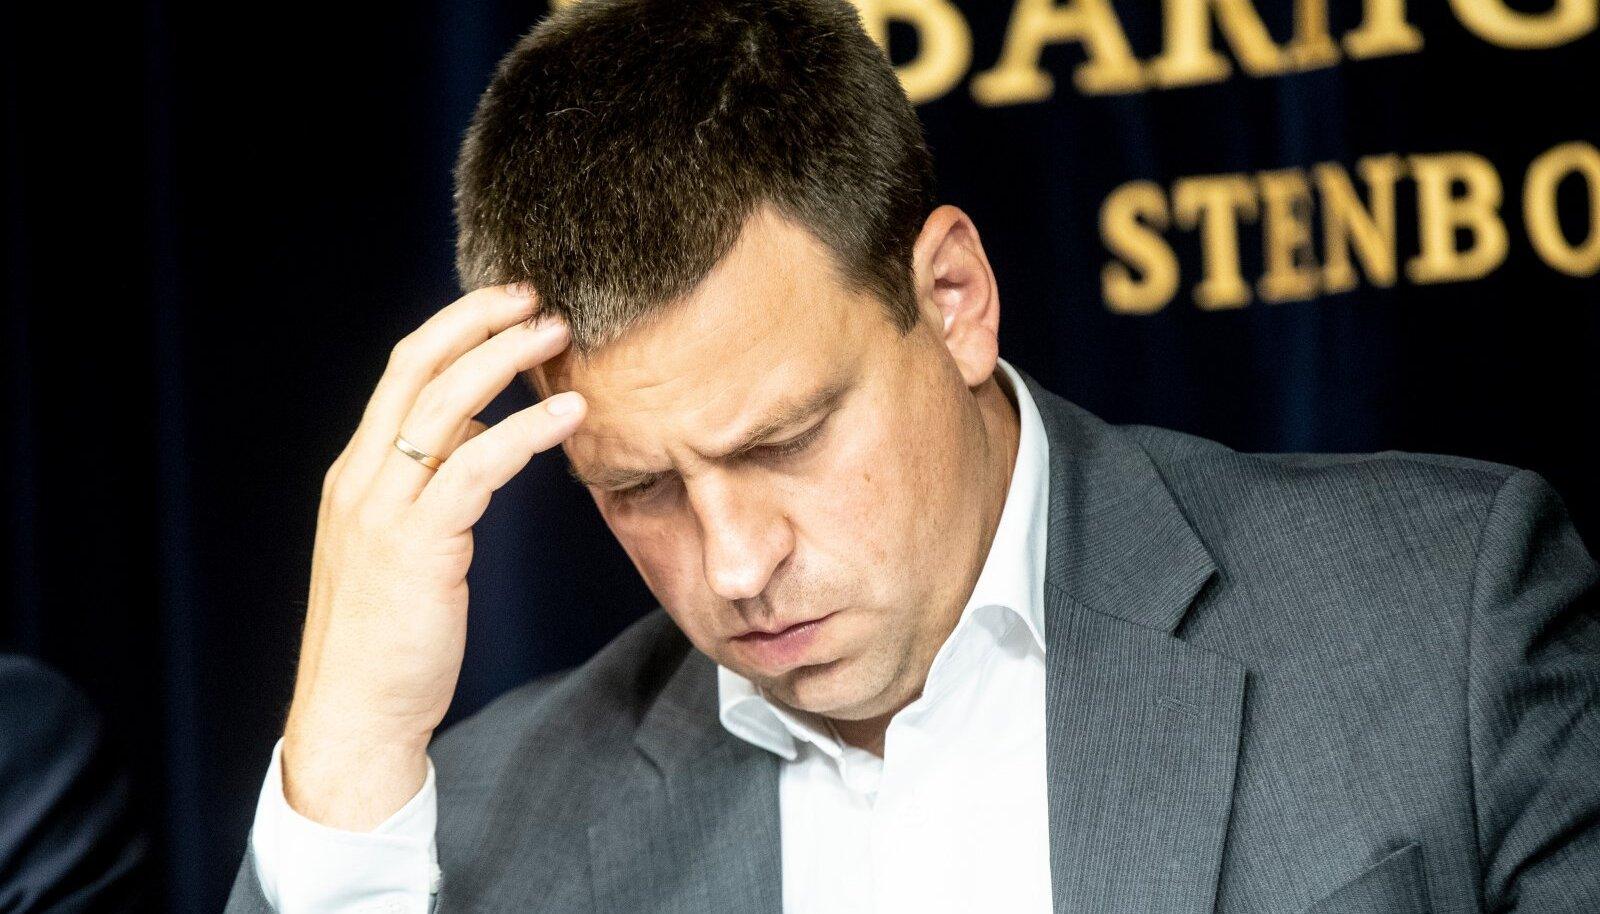 Eesti jõudis lõpuks otsuseni ning allkirjastas leppe.